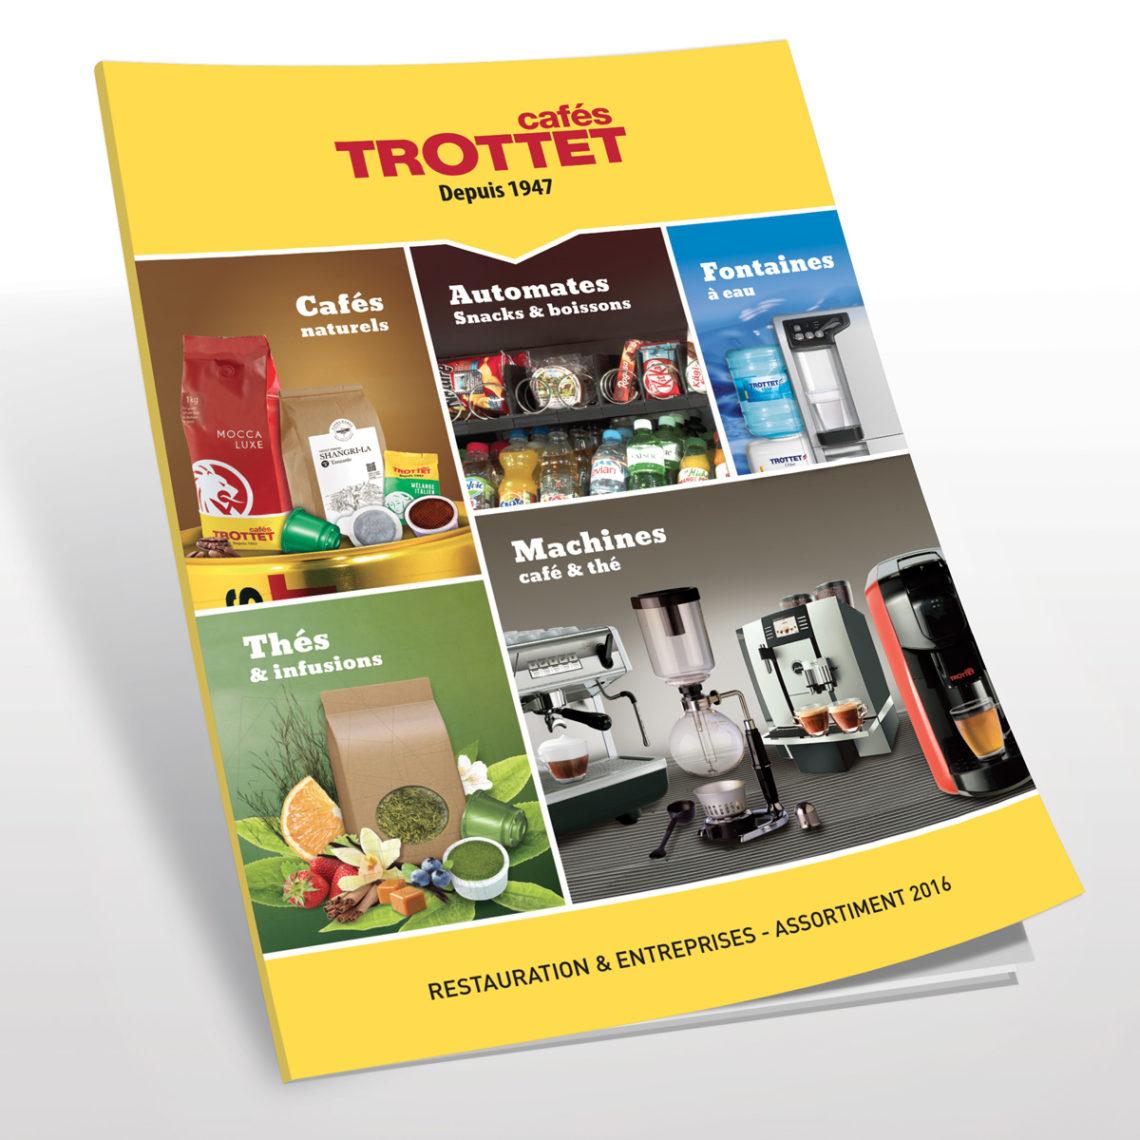 EtienneEtienne réinvente le catalogue professionnel des Cafés Trottet